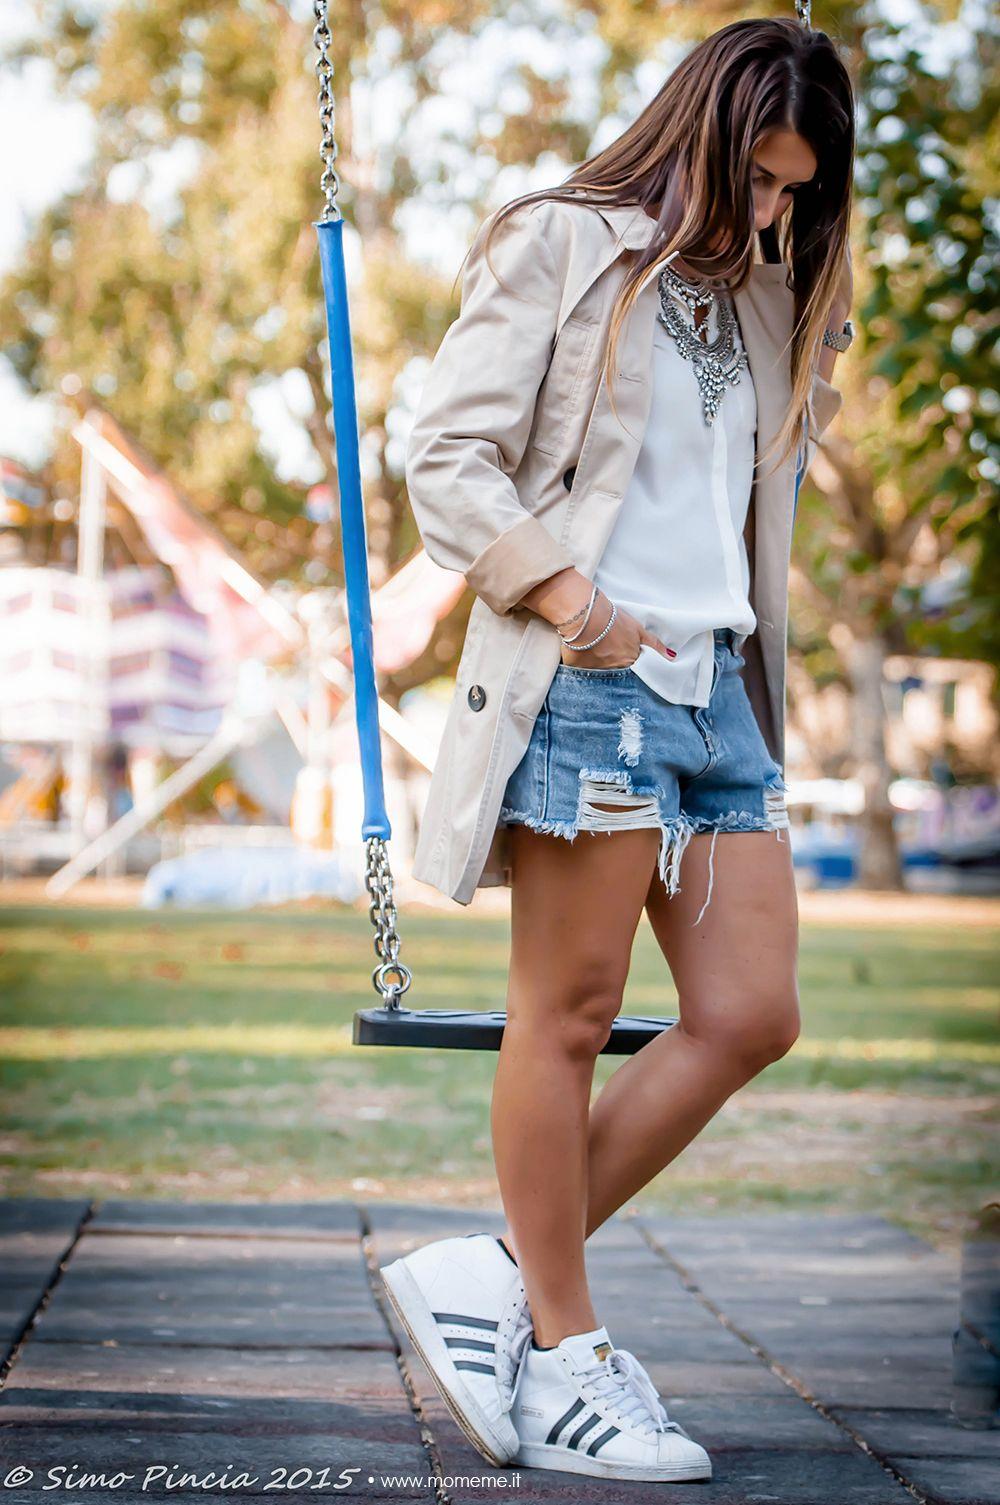 the latest fd430 b57c1 adidas superstar women s trends 2018 summerfest